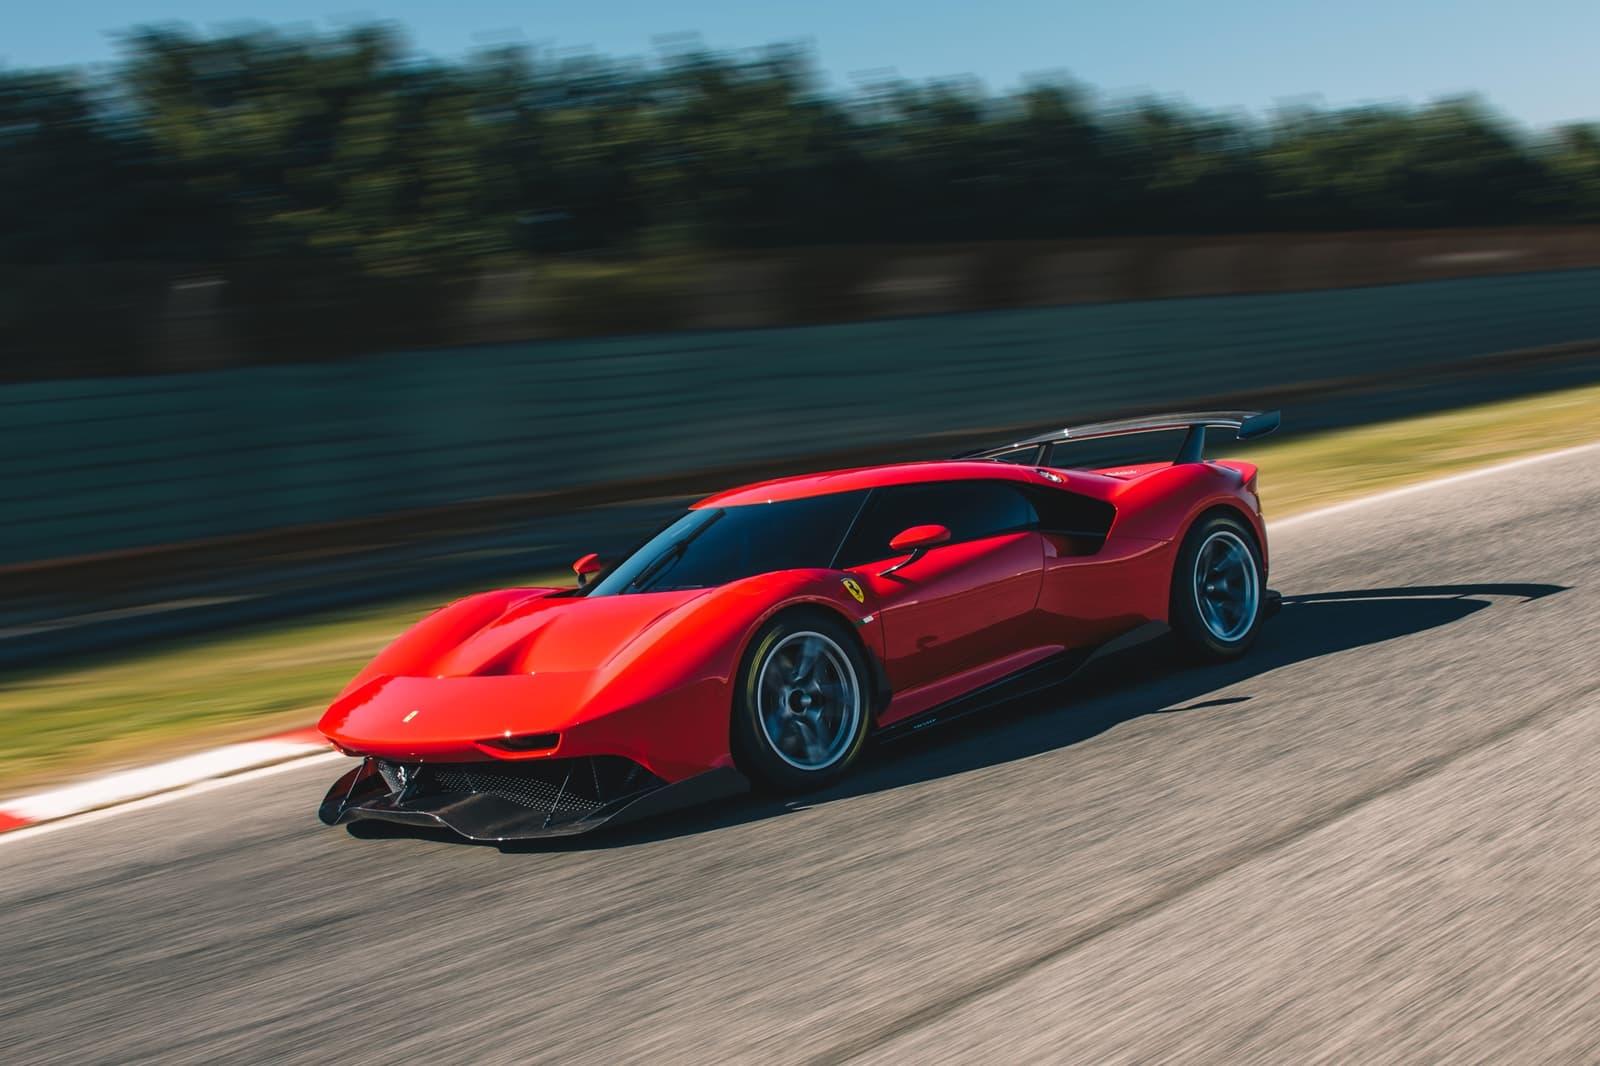 Ferrari P80c 2019 0319 012